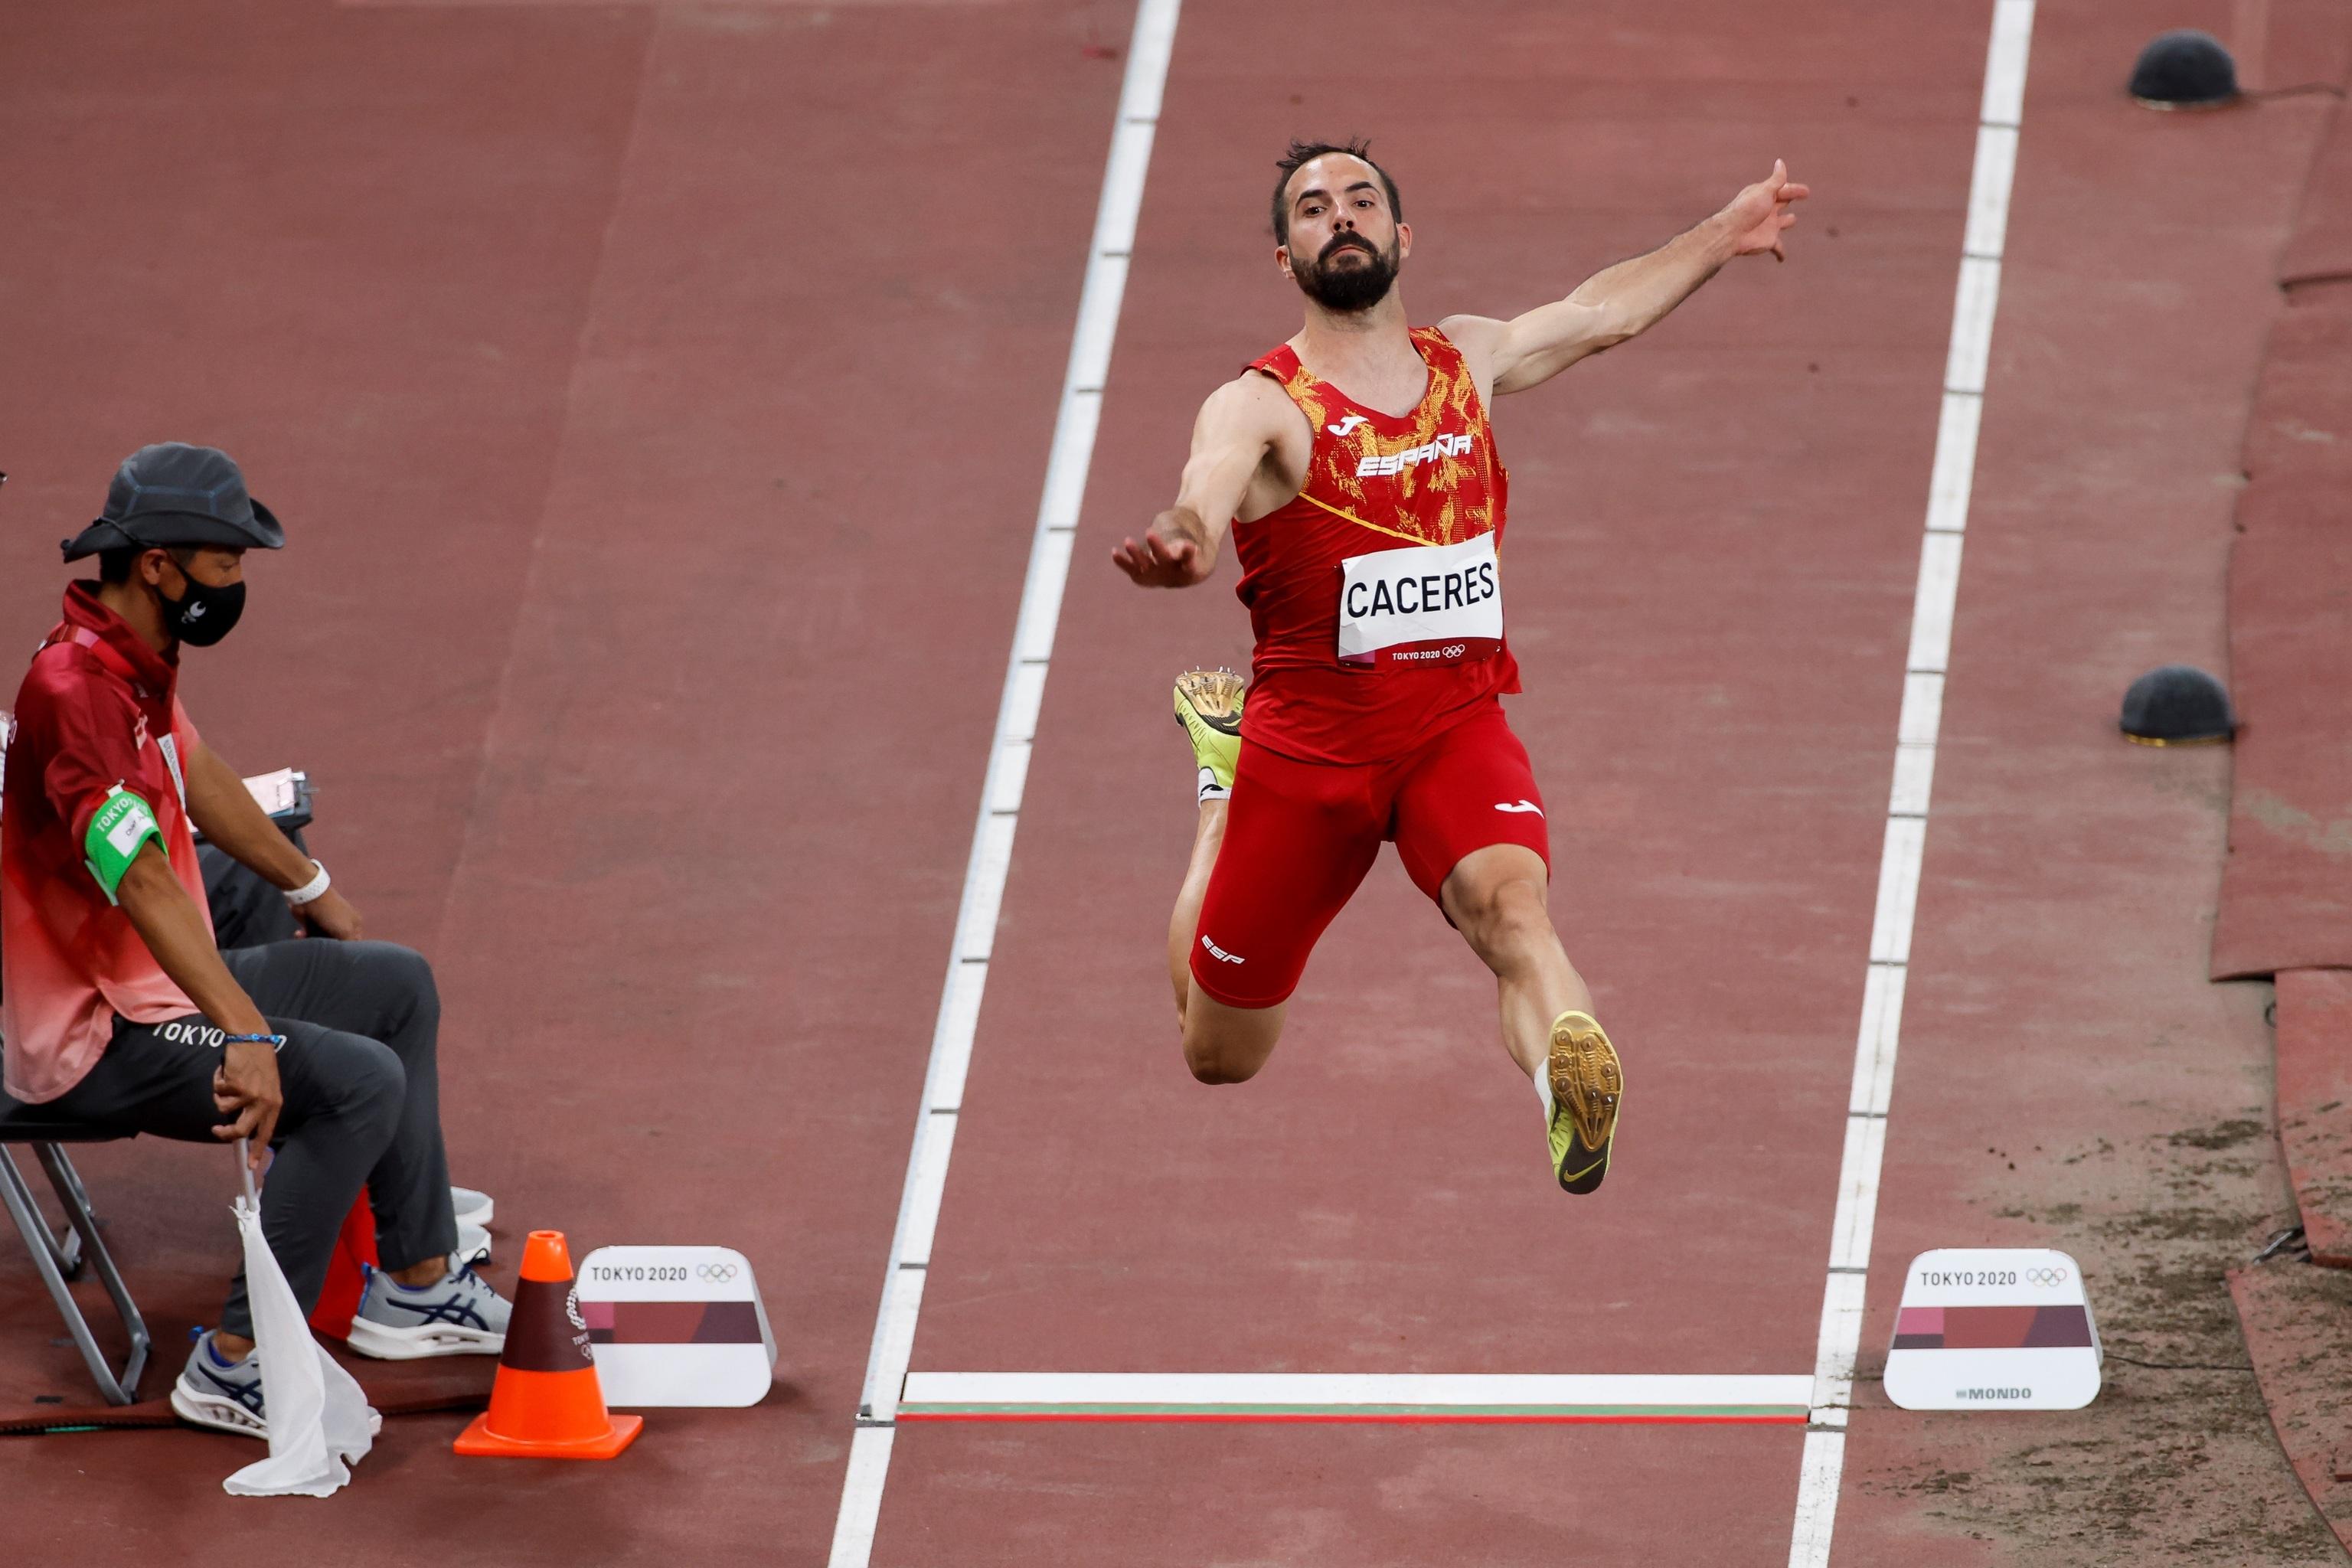 Eusebio Cáceres - atletismo - Juegos Olímpicos 2021 - Tokio 2020